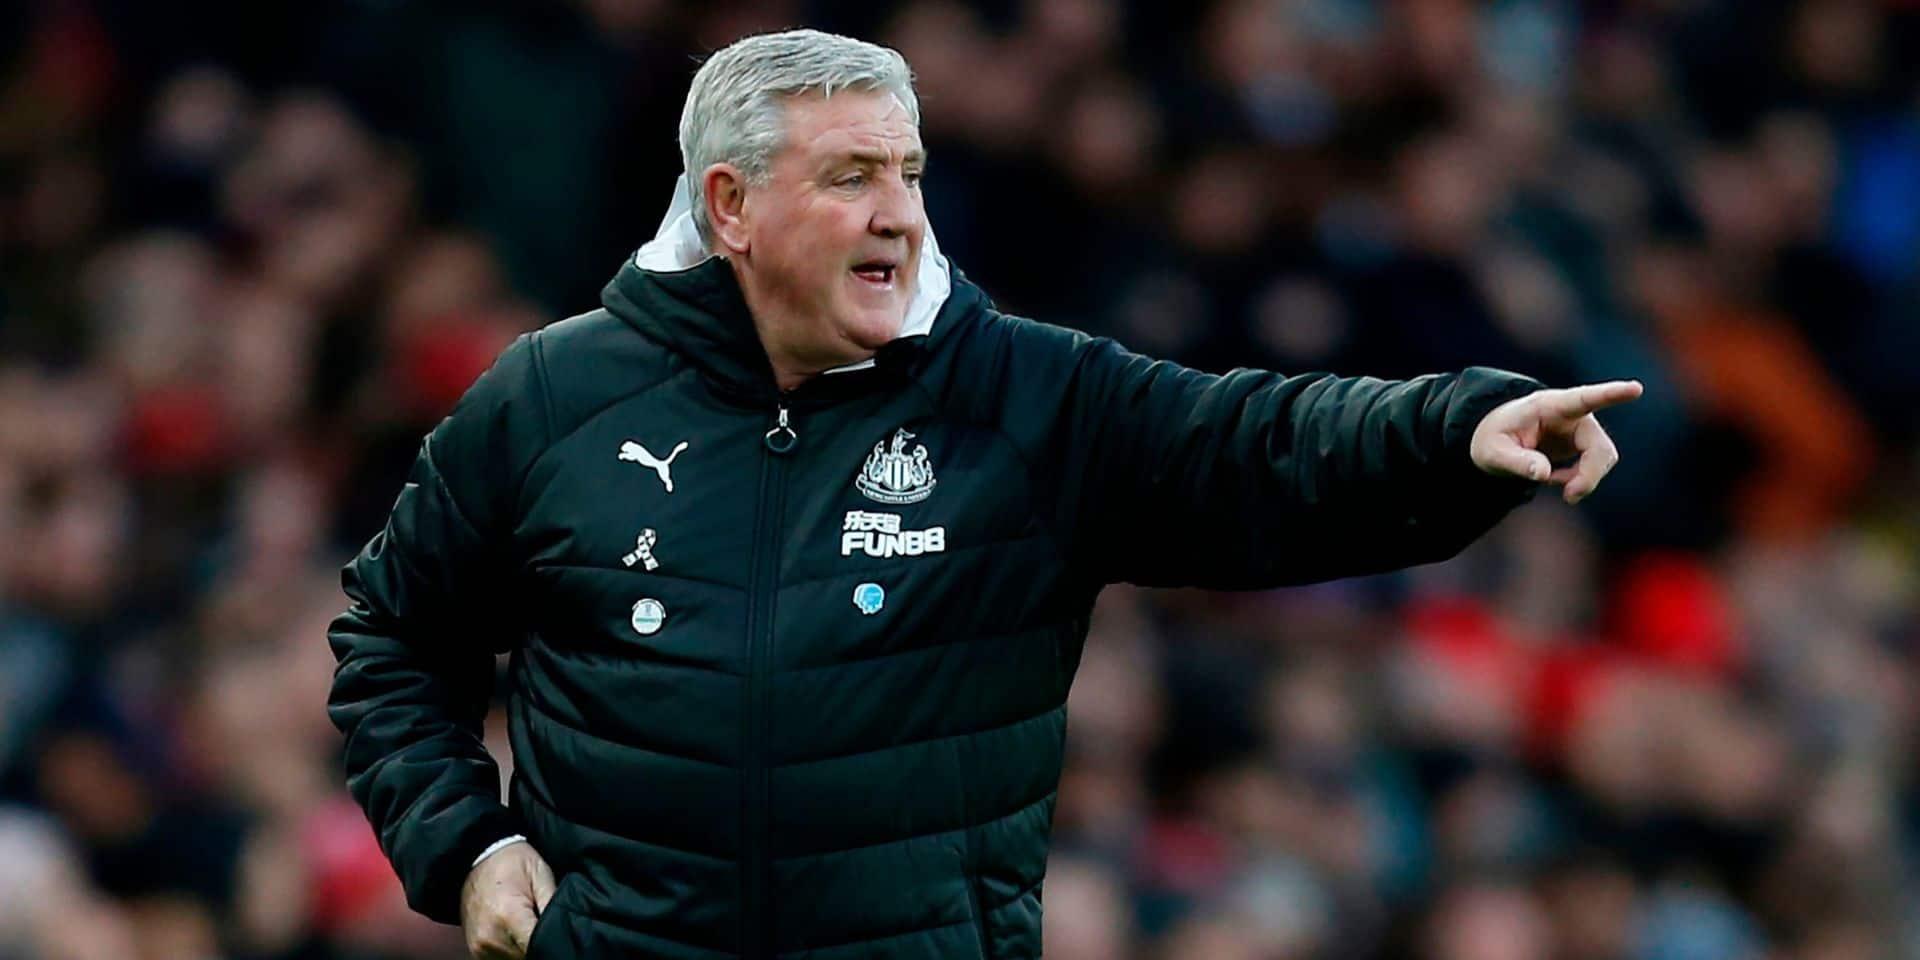 L'entraîneur de Newcastle plaide pour une reprise fin juin de la Premier League, Rooney inquiet